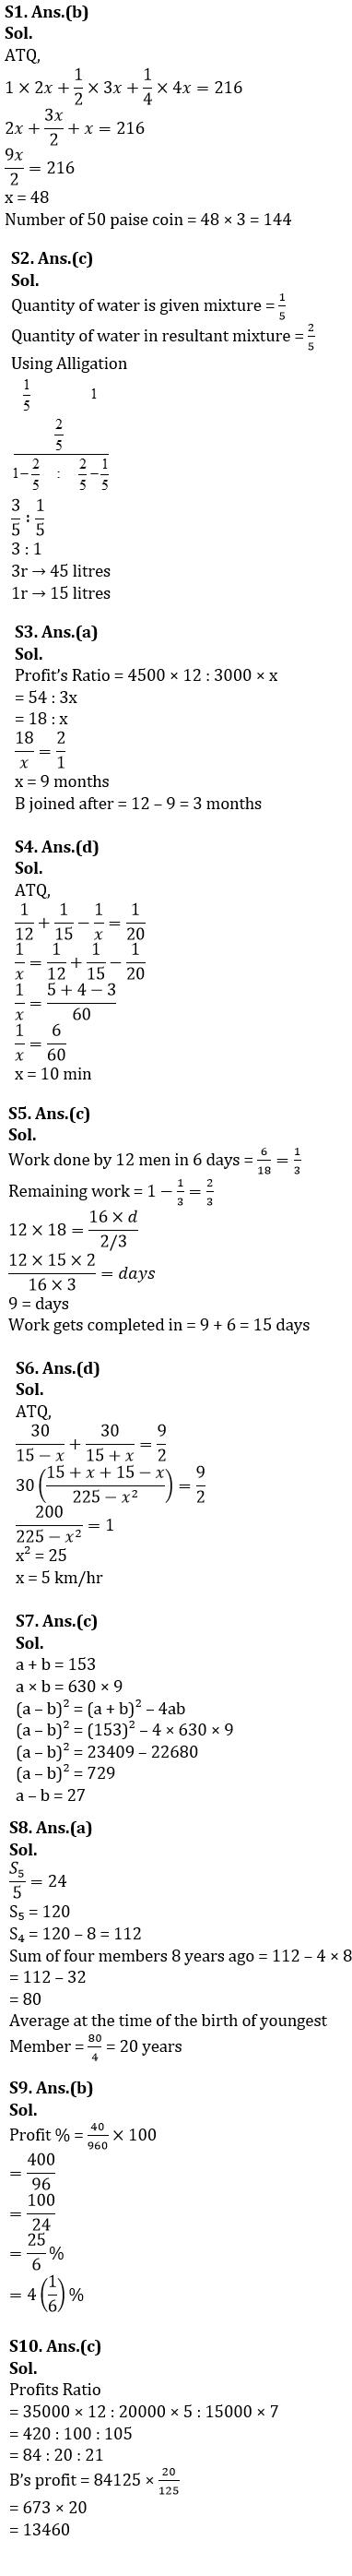 टारगेट SSC CGL   10,000+ प्रश्न   SSC CGL के लिए गणित के प्रश्न : 93 वाँ दिन_50.1